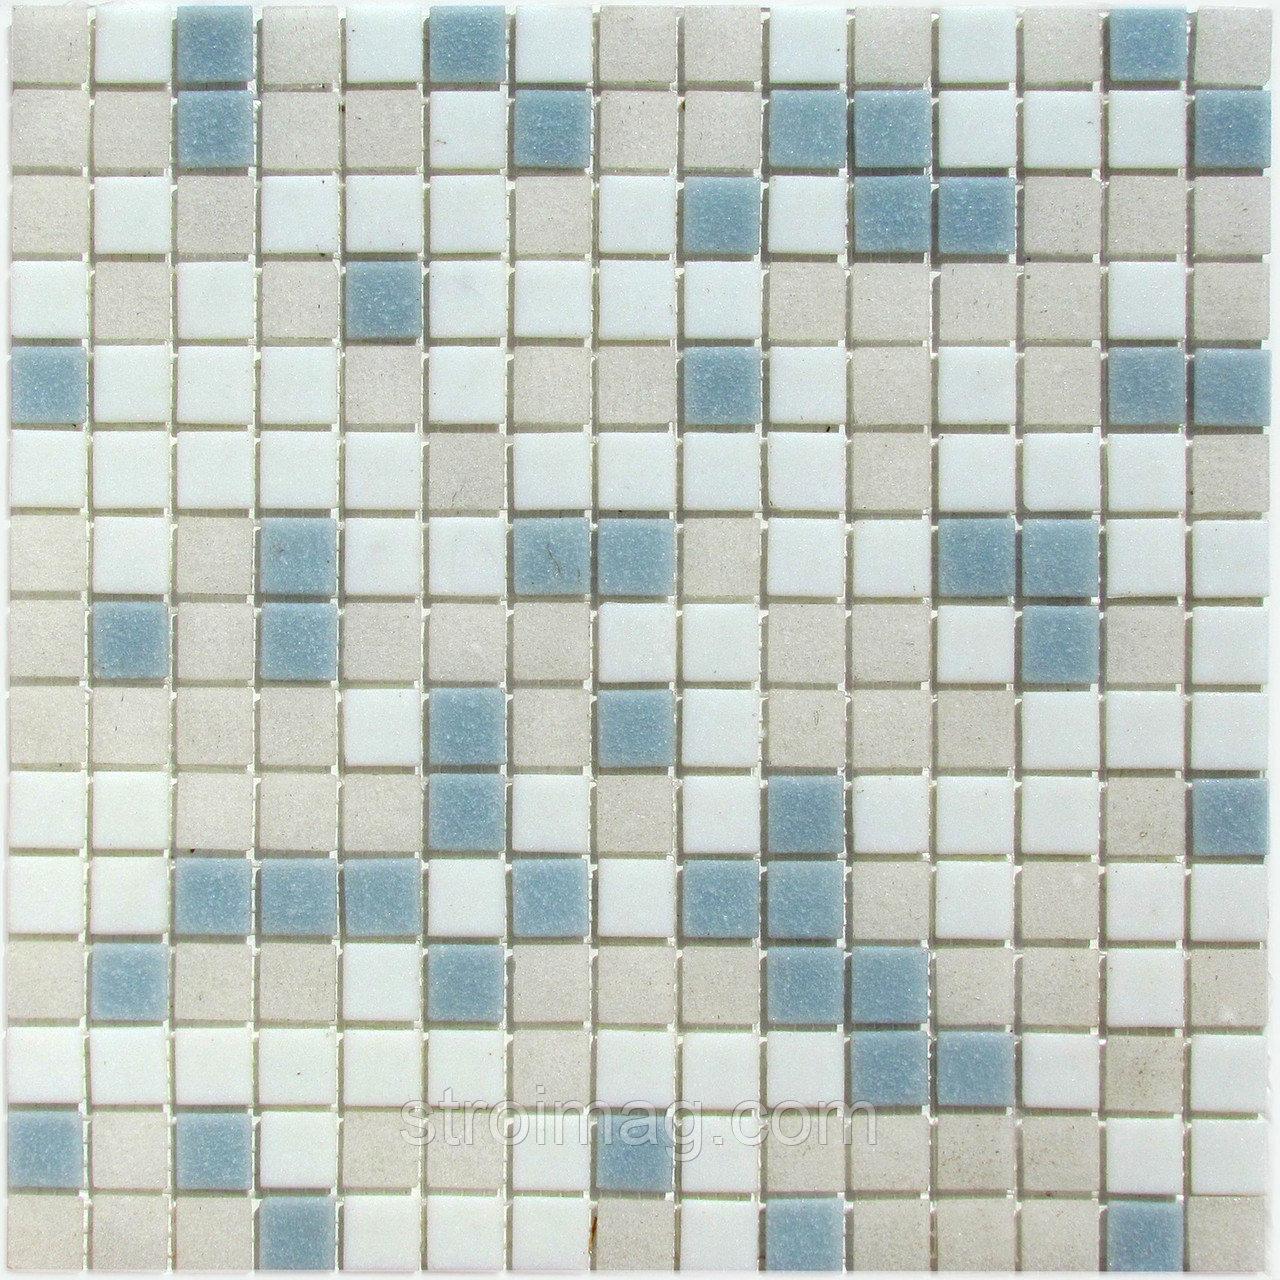 Мозаика своими руками: изготовление и самостоятельная выкладка, техника, идеи, решения